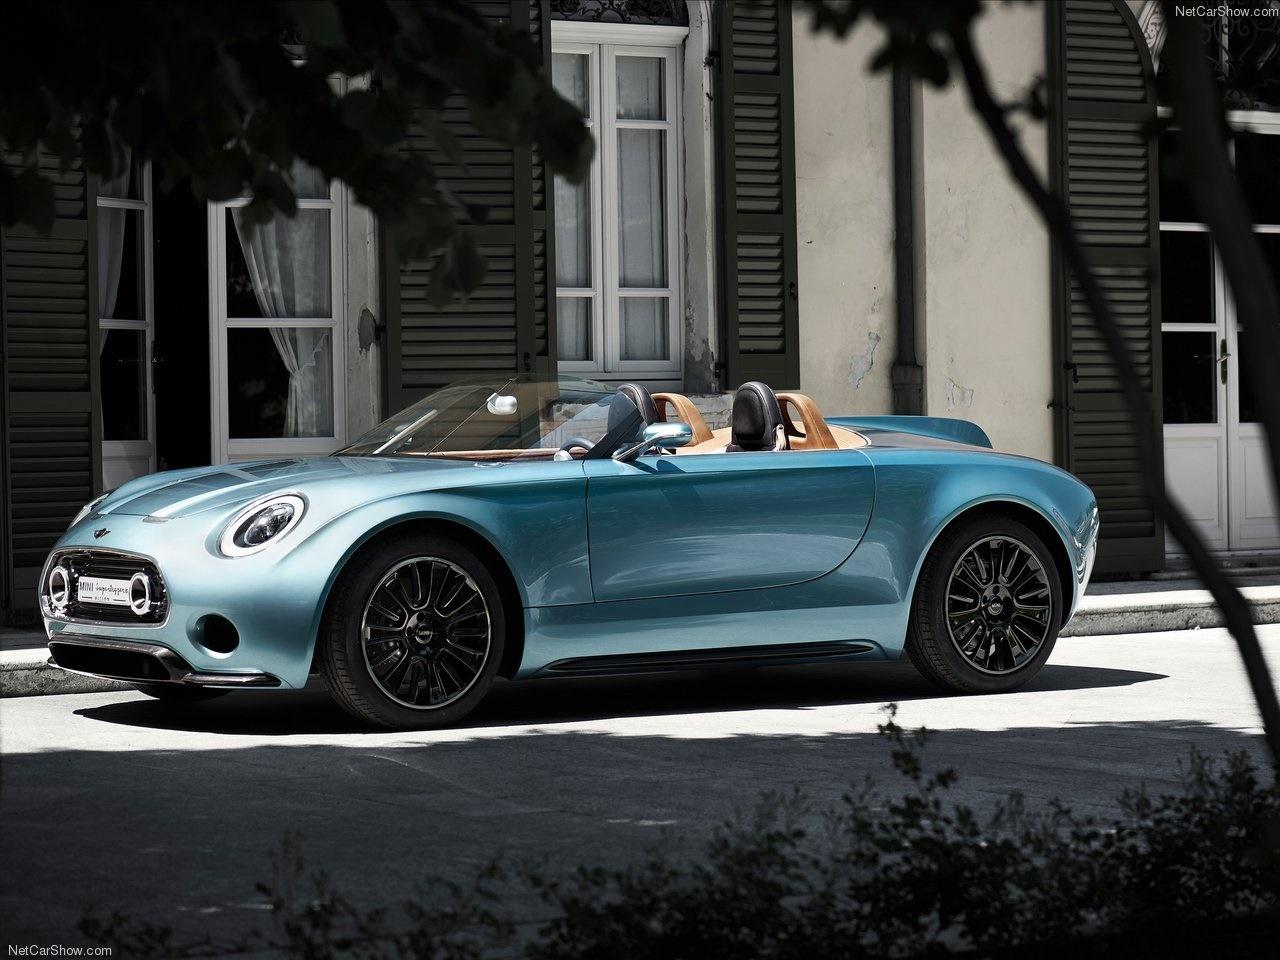 مشخصات بی ام و مجله خودرو قیمت بی ام و MINI Superleggera Vision